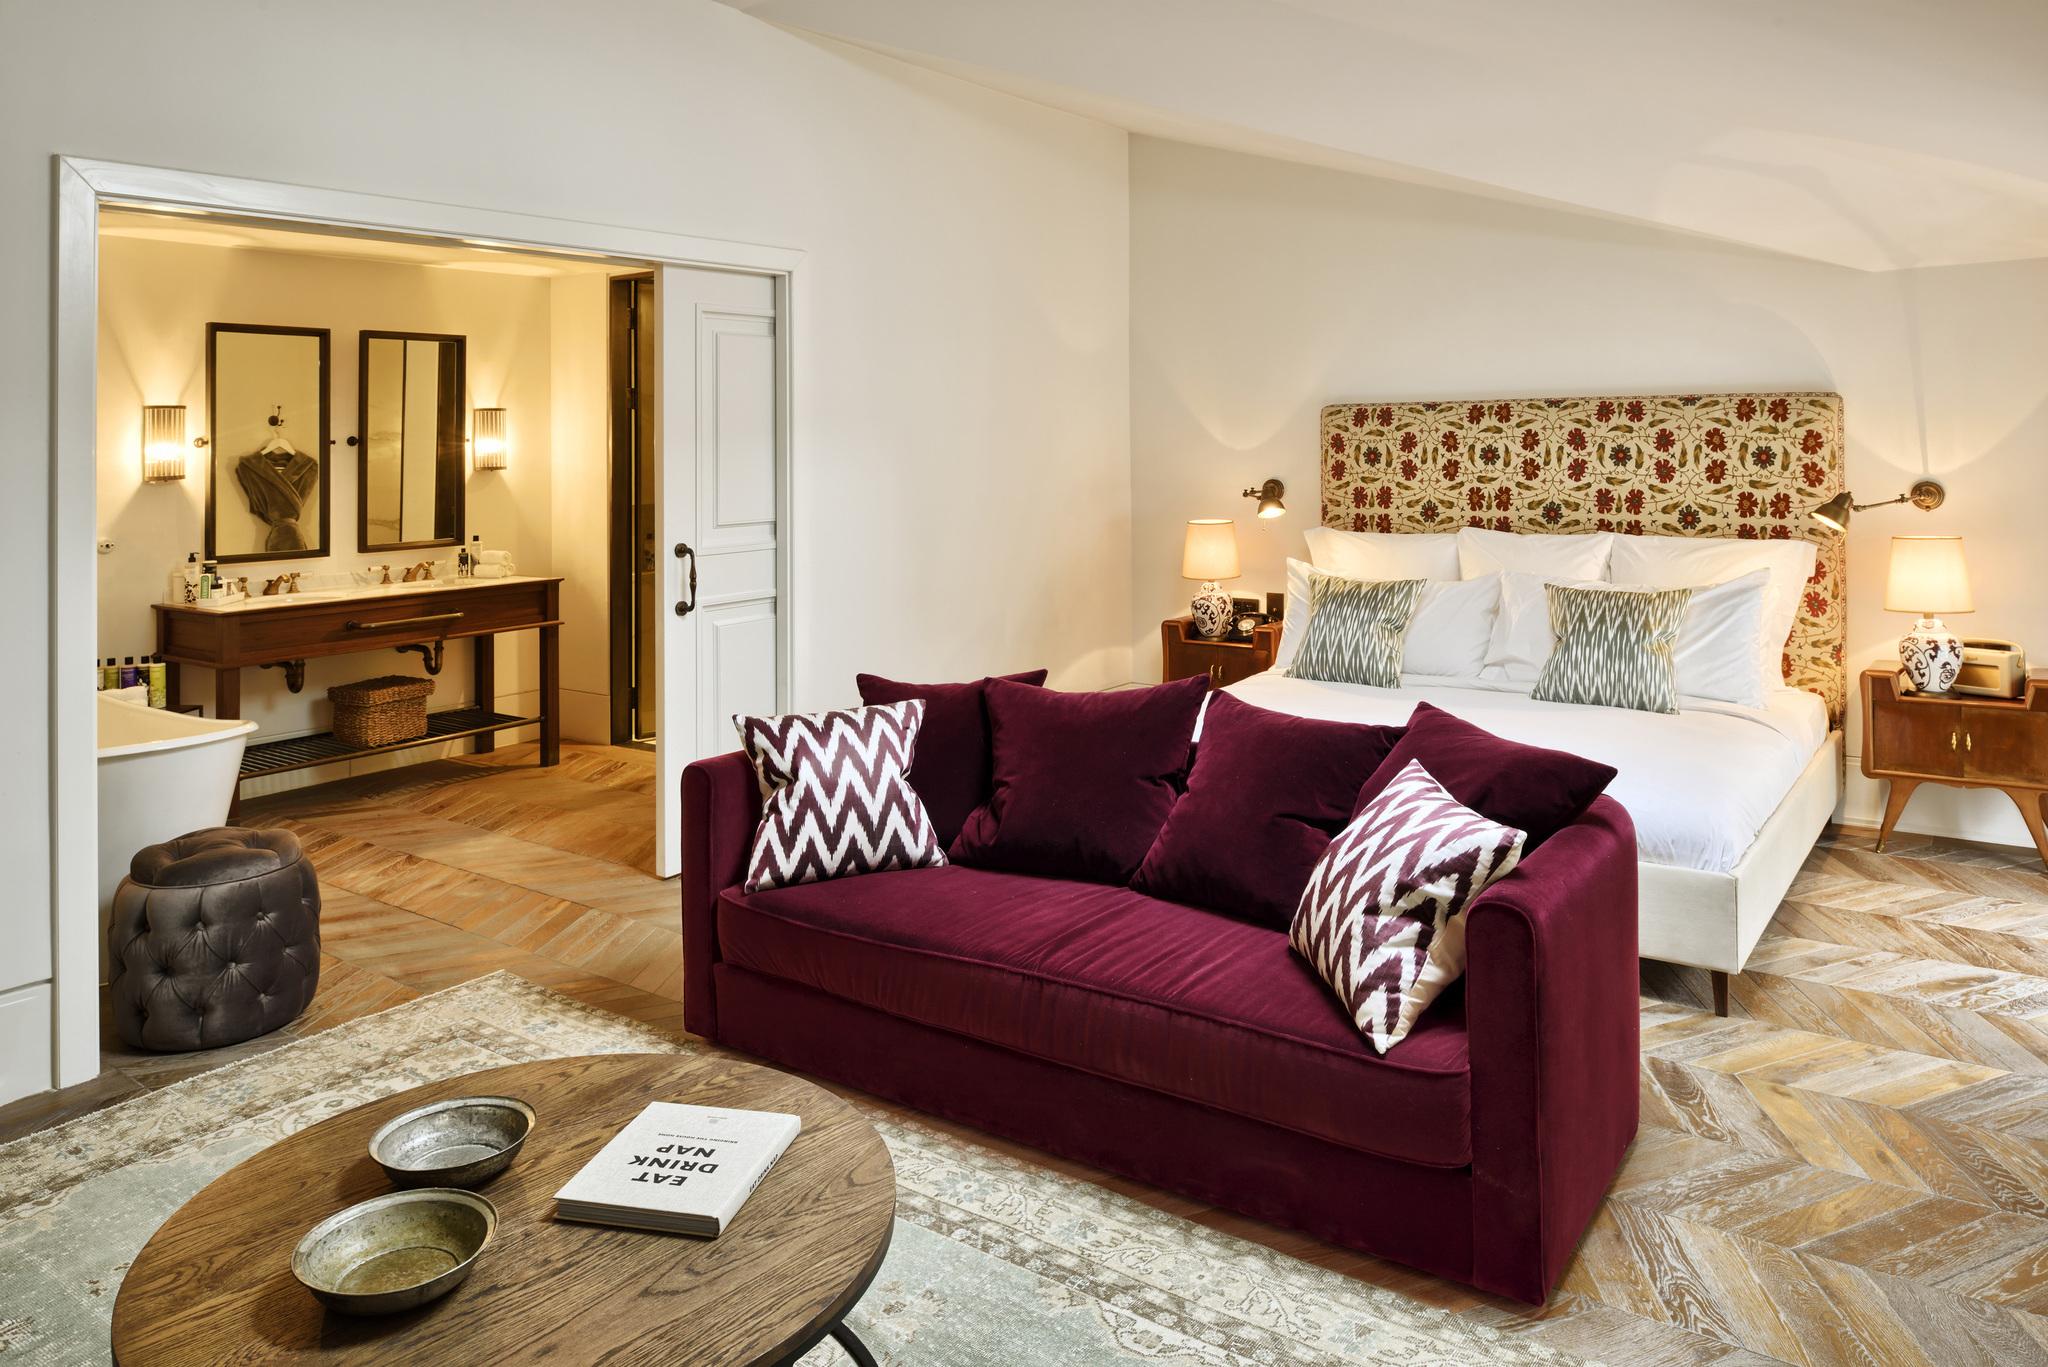 Soho House Istanbul Medium Plus Room